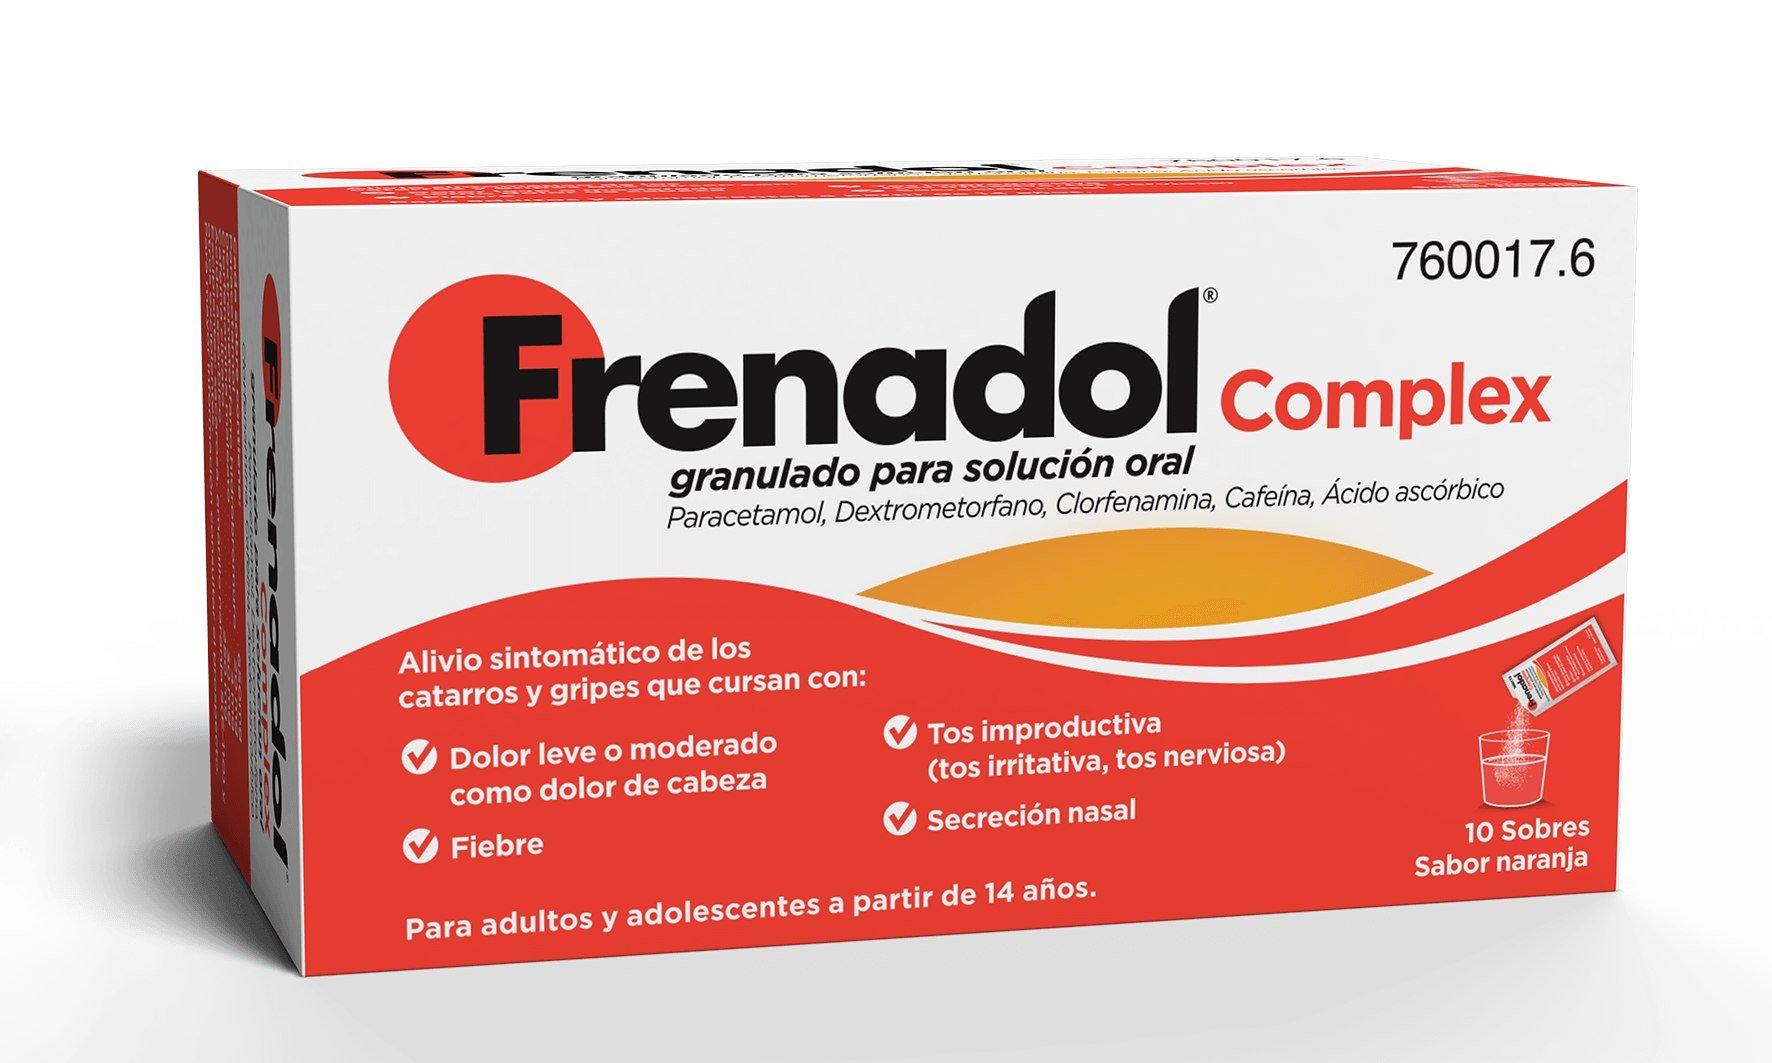 Frenadol Complex | frenadol